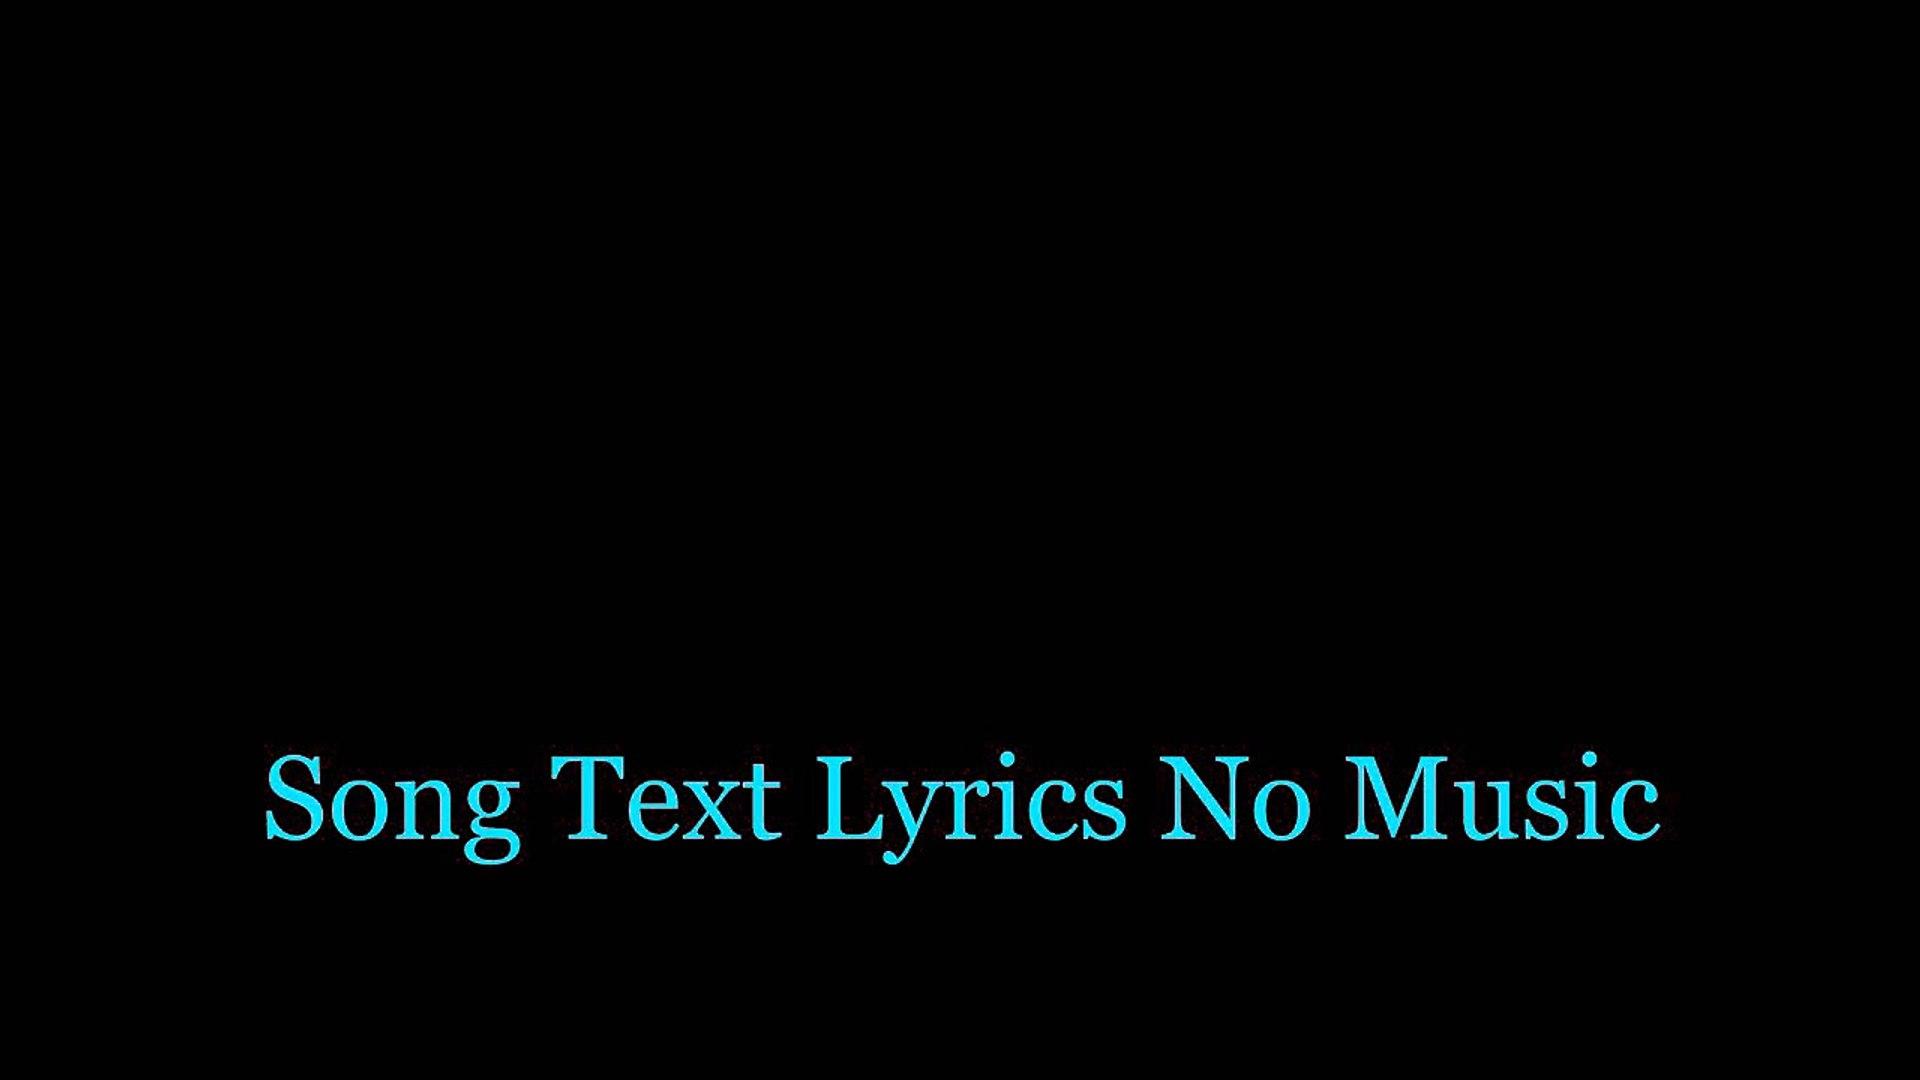 Fredo Santana - Persona Lyrics